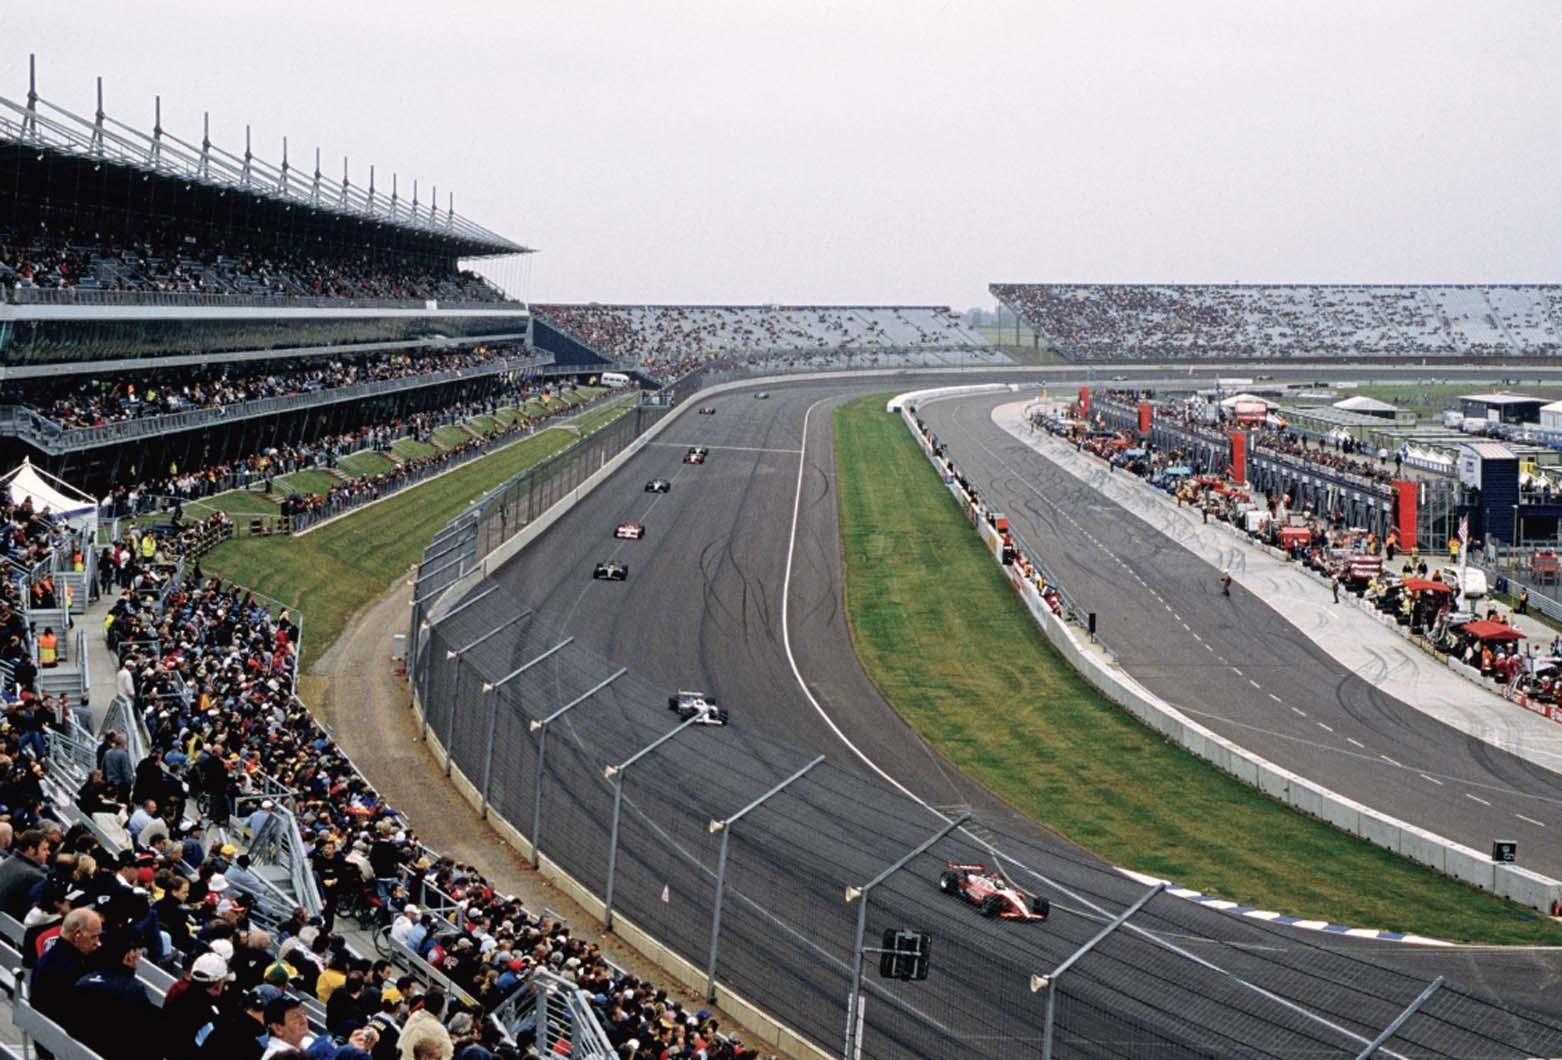 Leduc Race Track